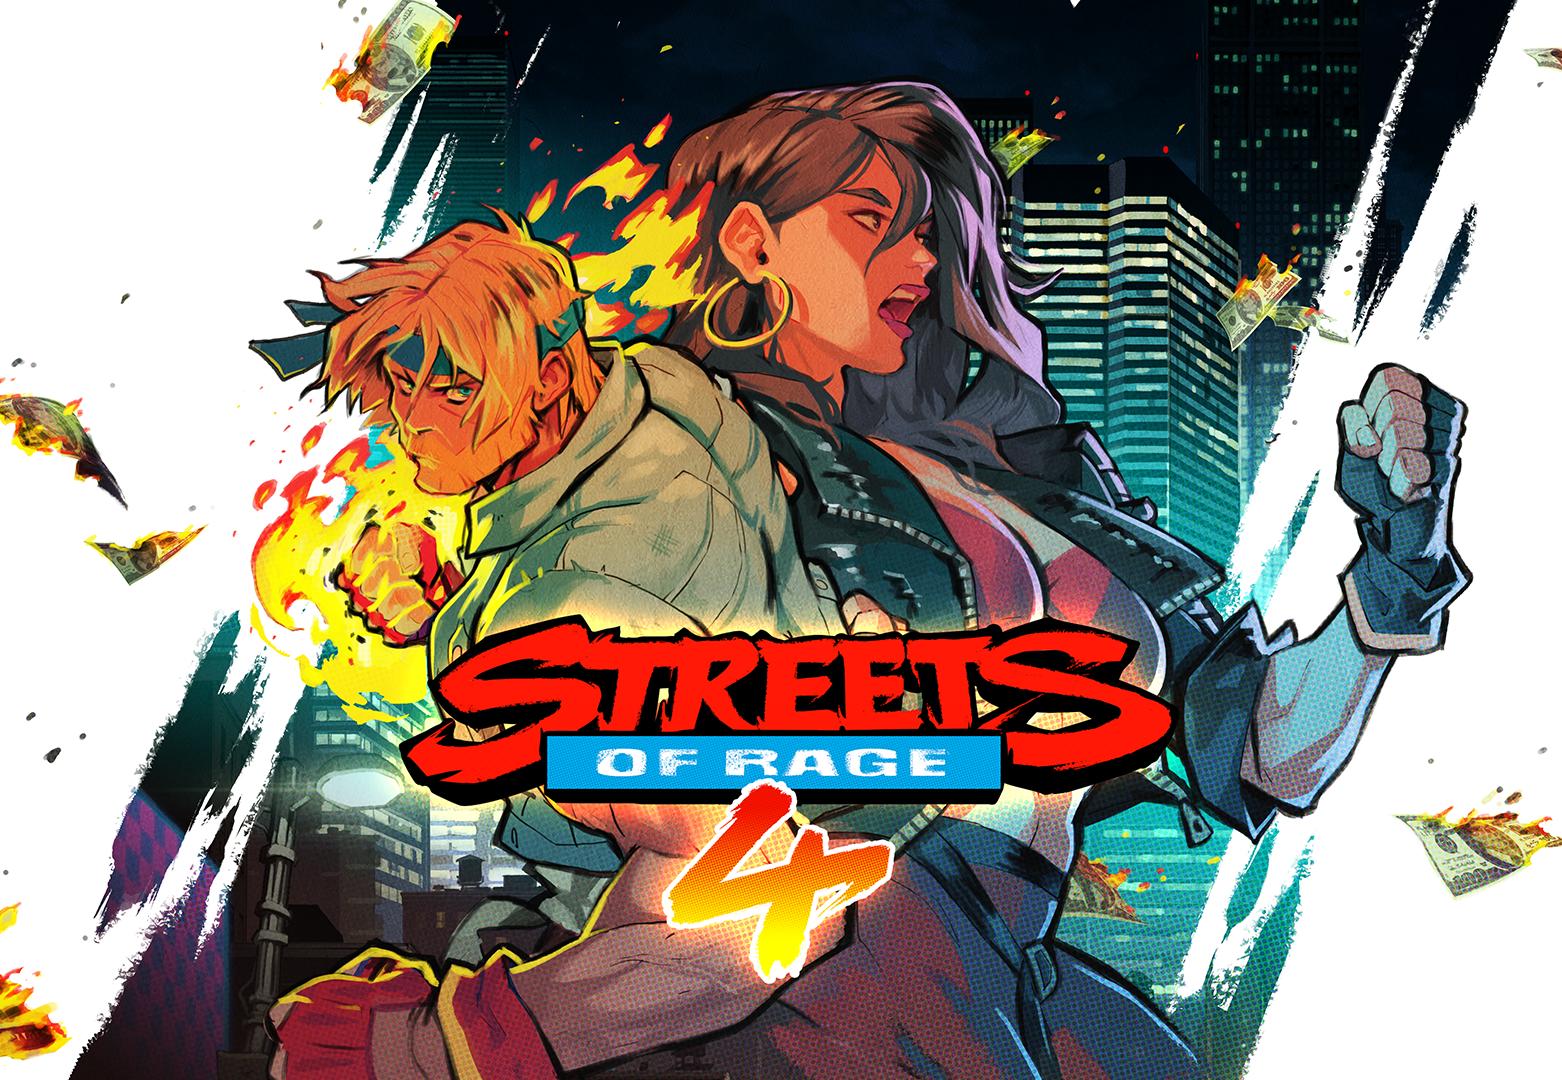 streets of rage nostalgia piece 4